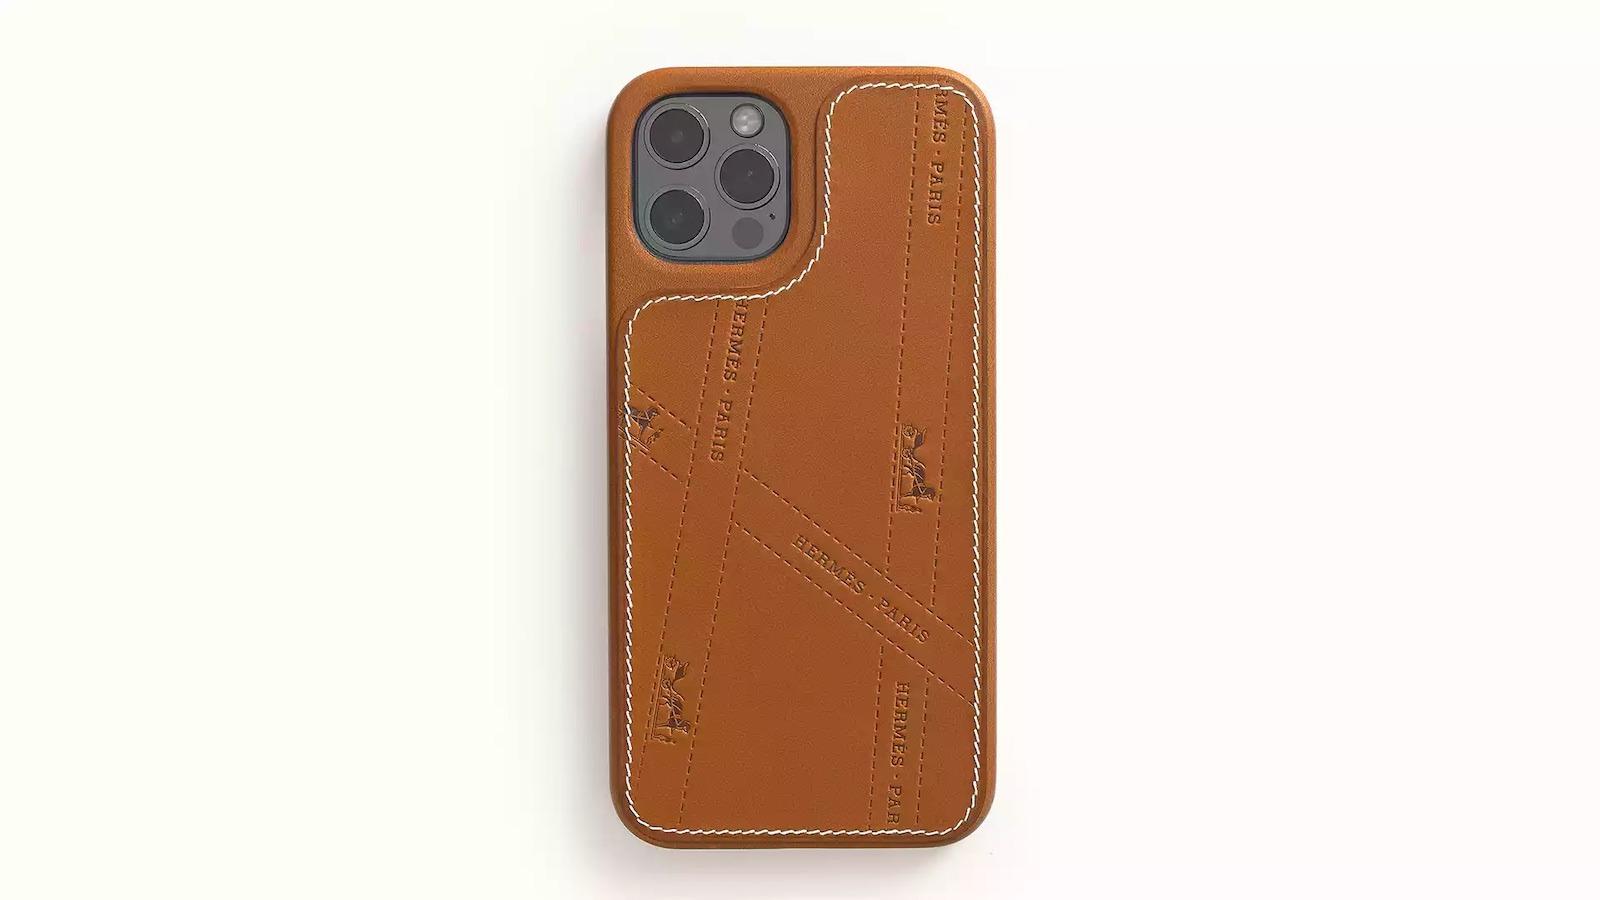 Hermes MagSafe Case